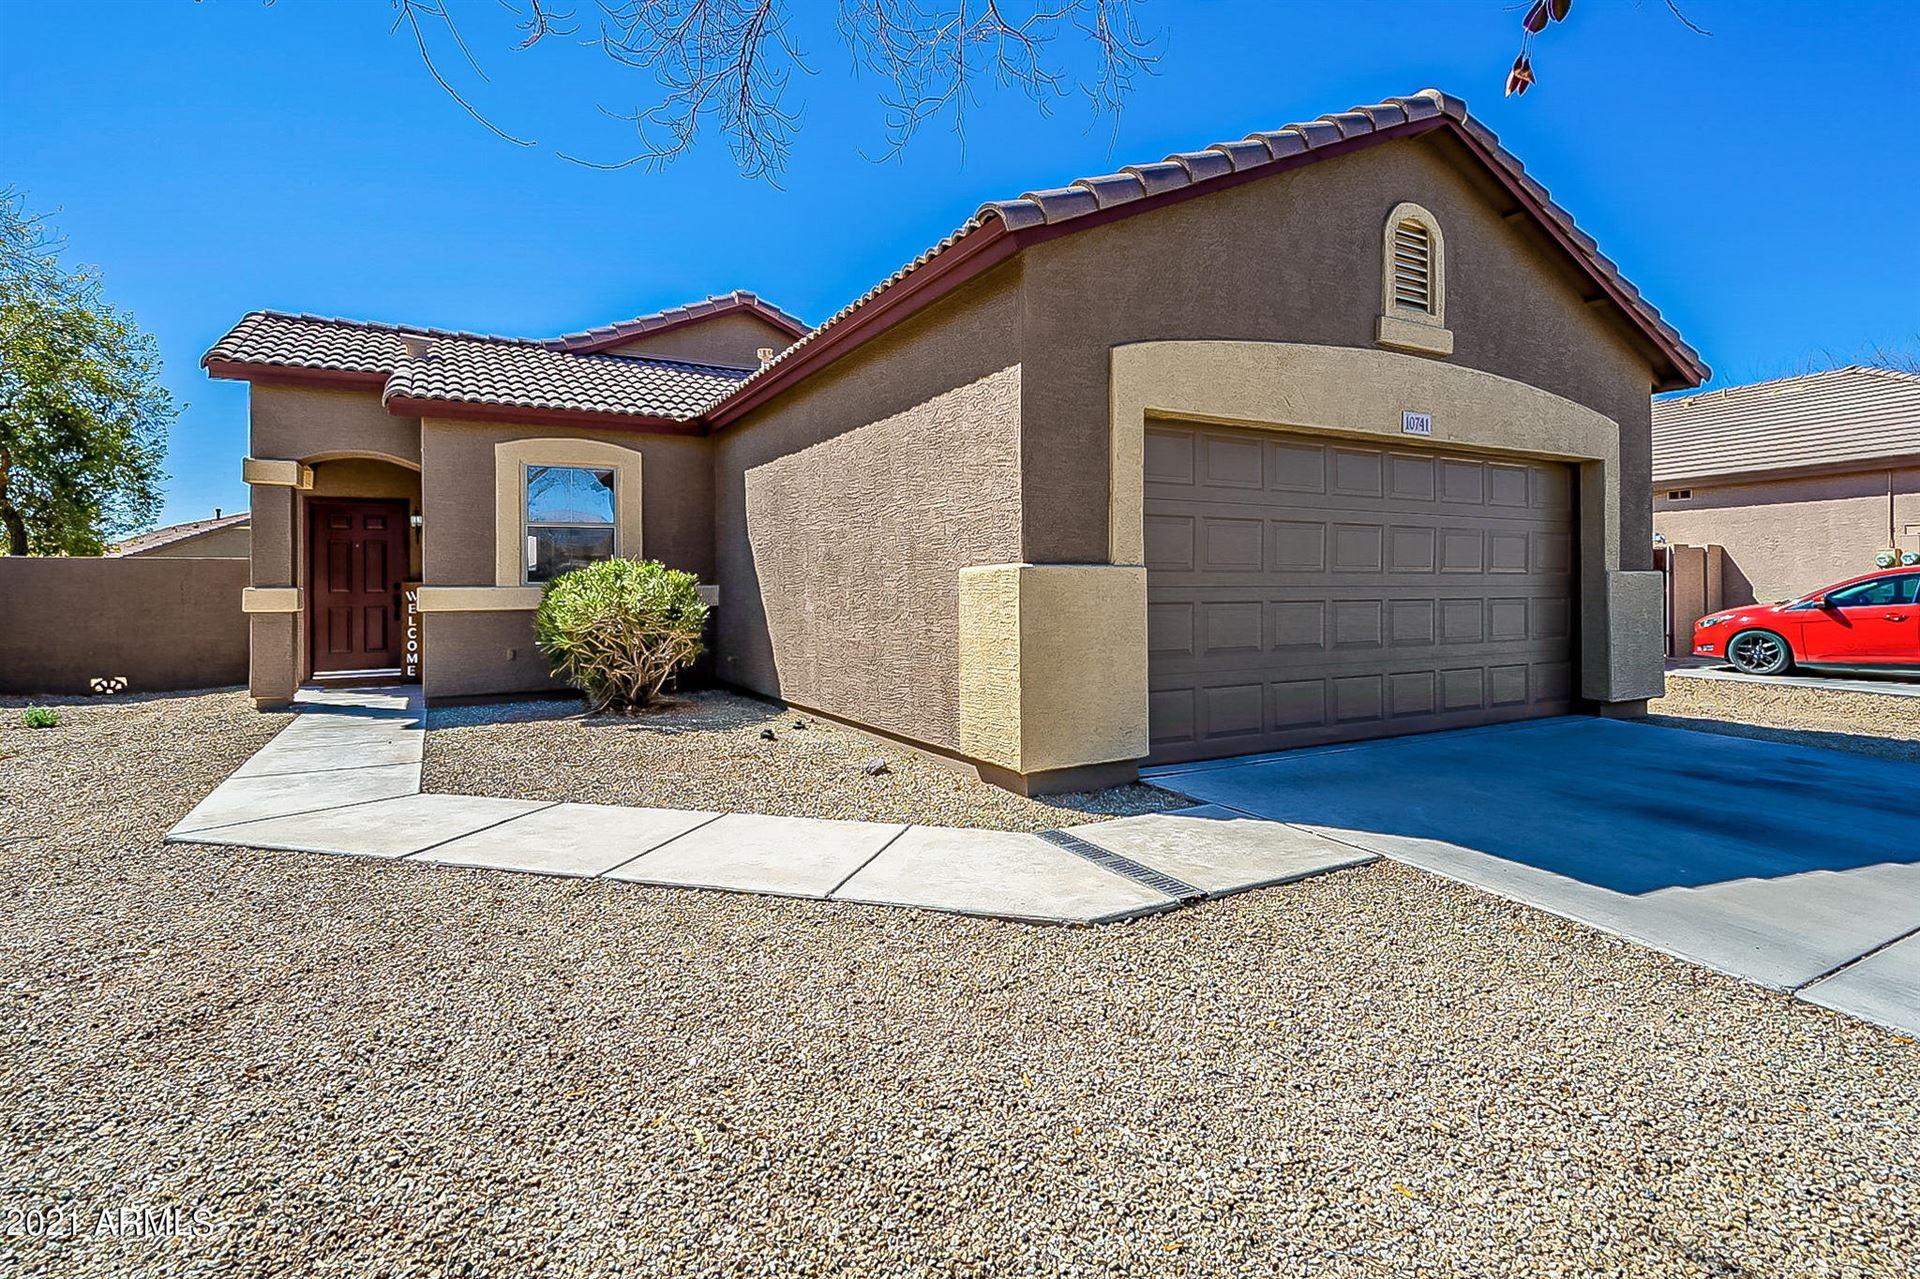 Photo of 10741 E KILAREA Avenue, Mesa, AZ 85209 (MLS # 6203345)